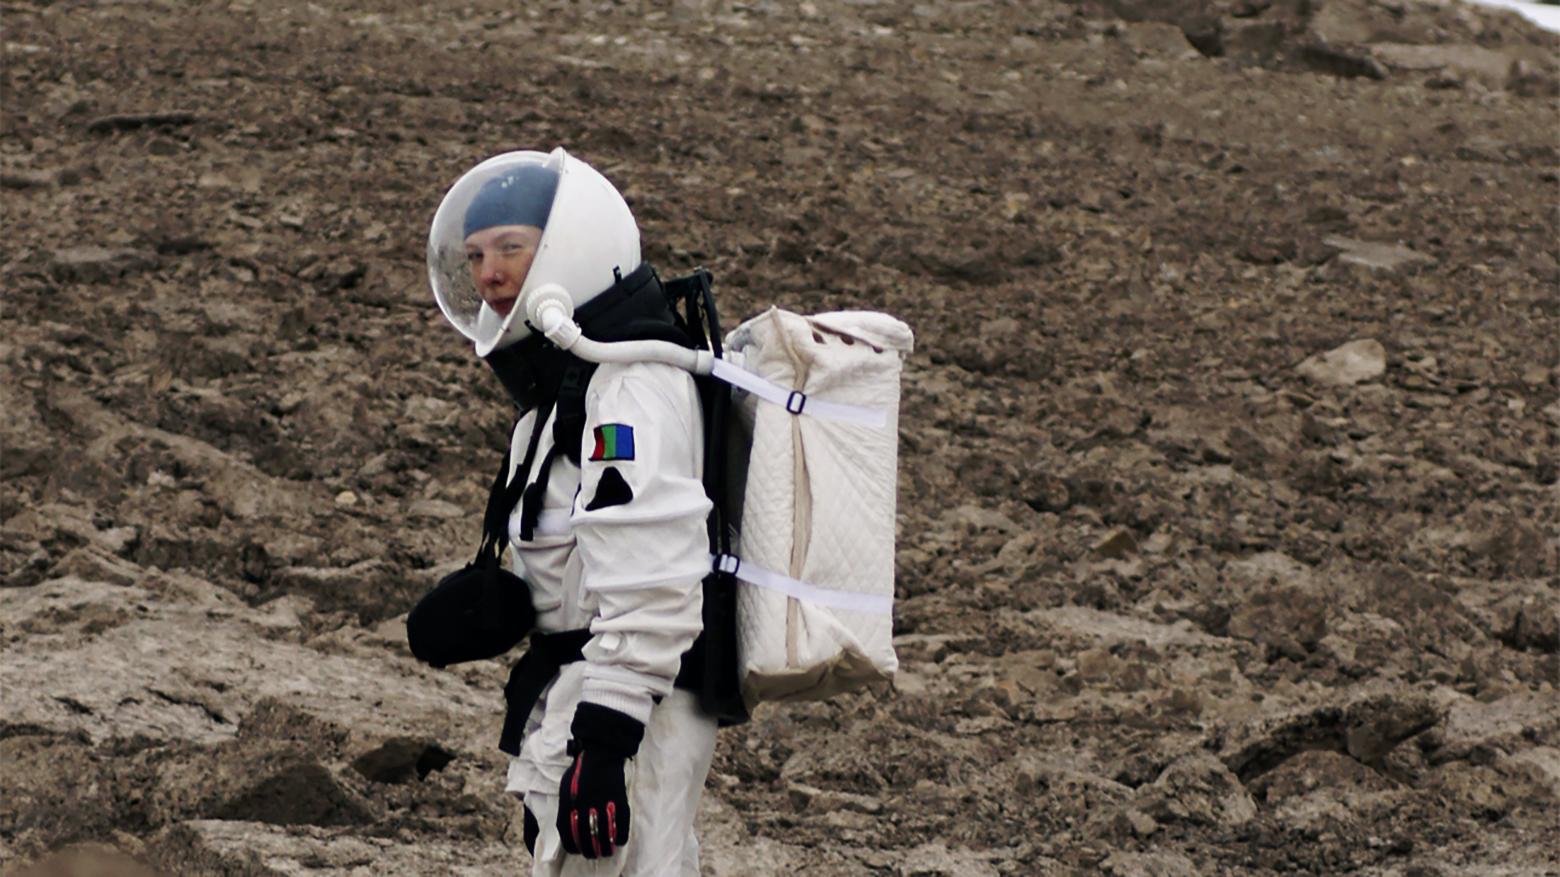 клиенты фото добровольцев летящих жить на марс когда похудела, люди